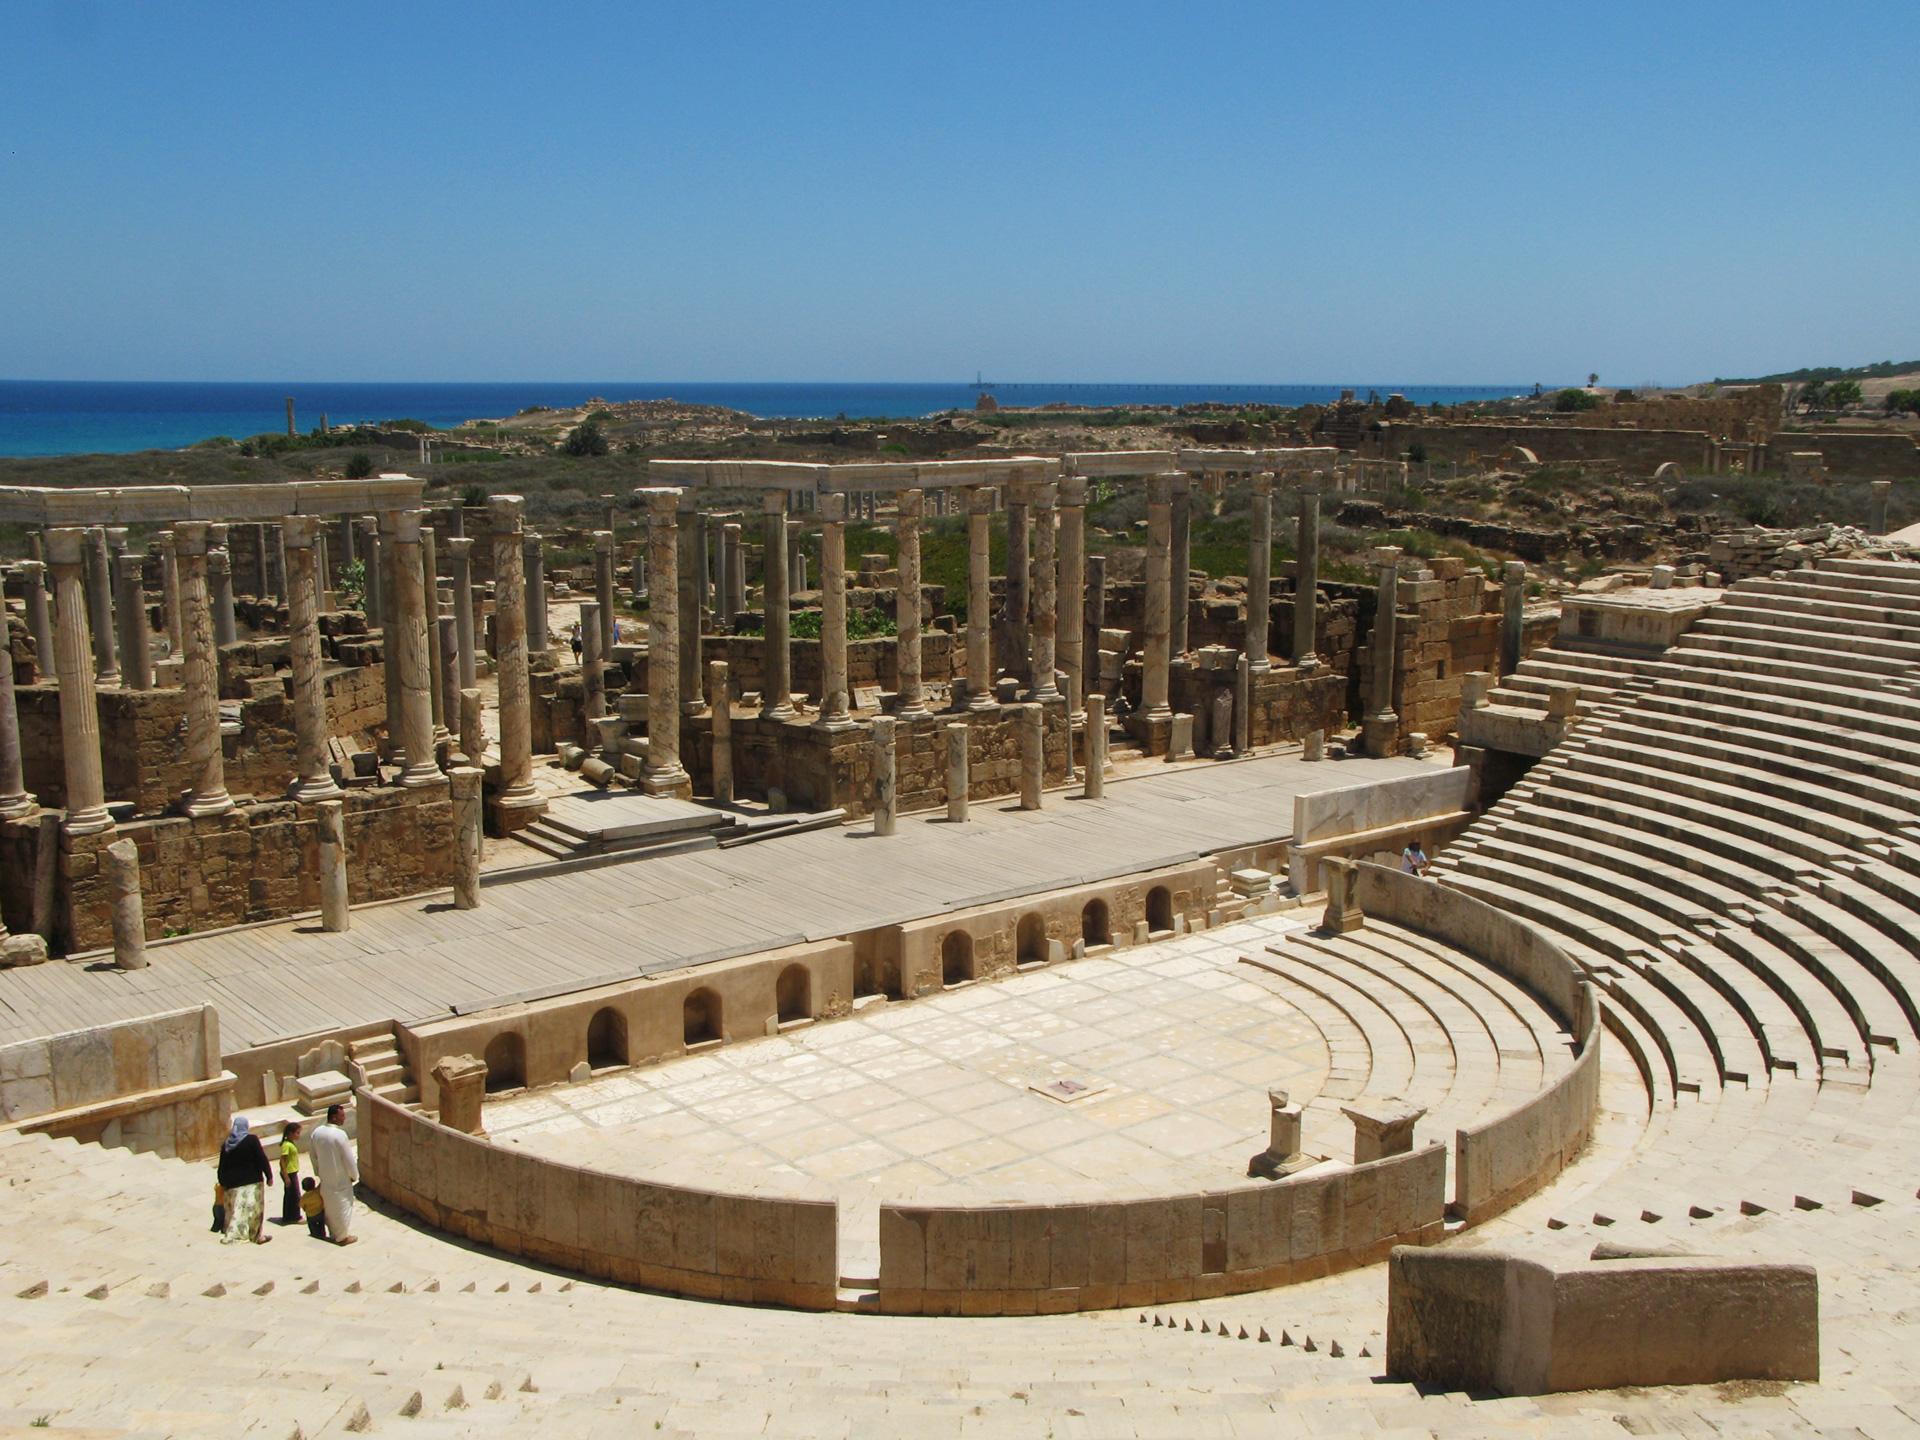 Amphitheatre, side view.